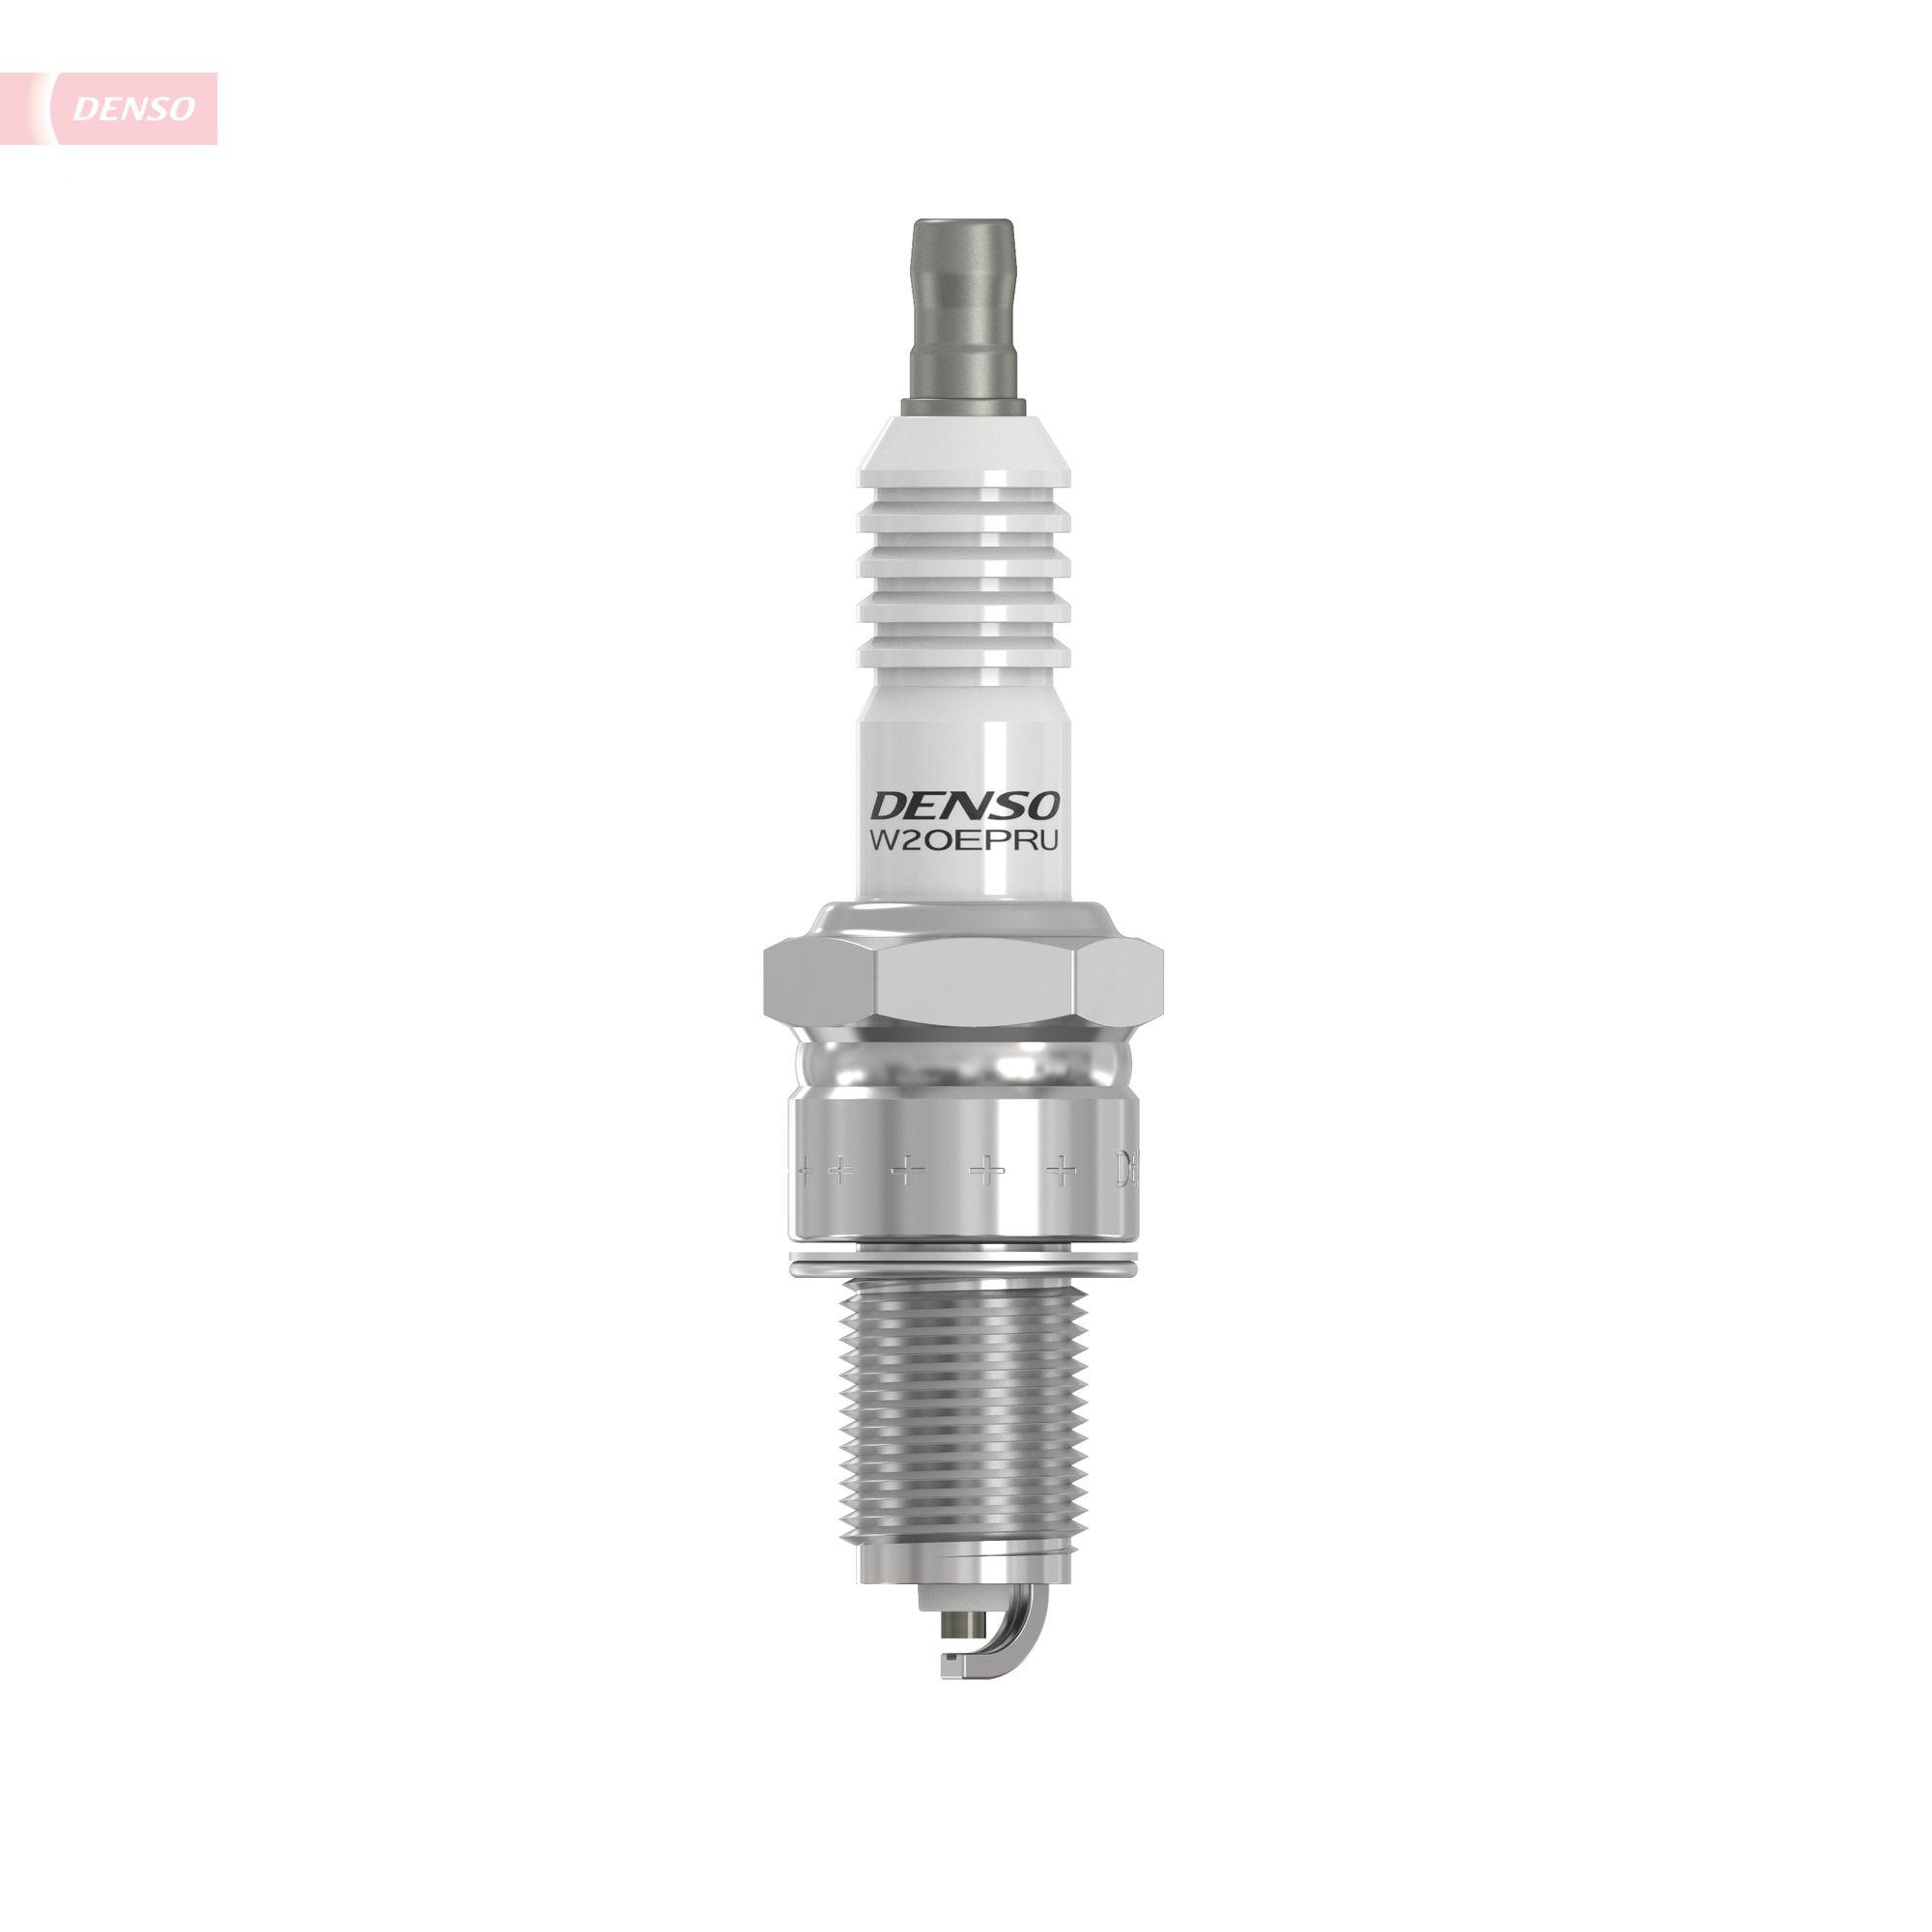 Купете 3047 DENSO Nickel размер на гайч.ключ: 20.6 Запалителна свещ W20EPR-U евтино